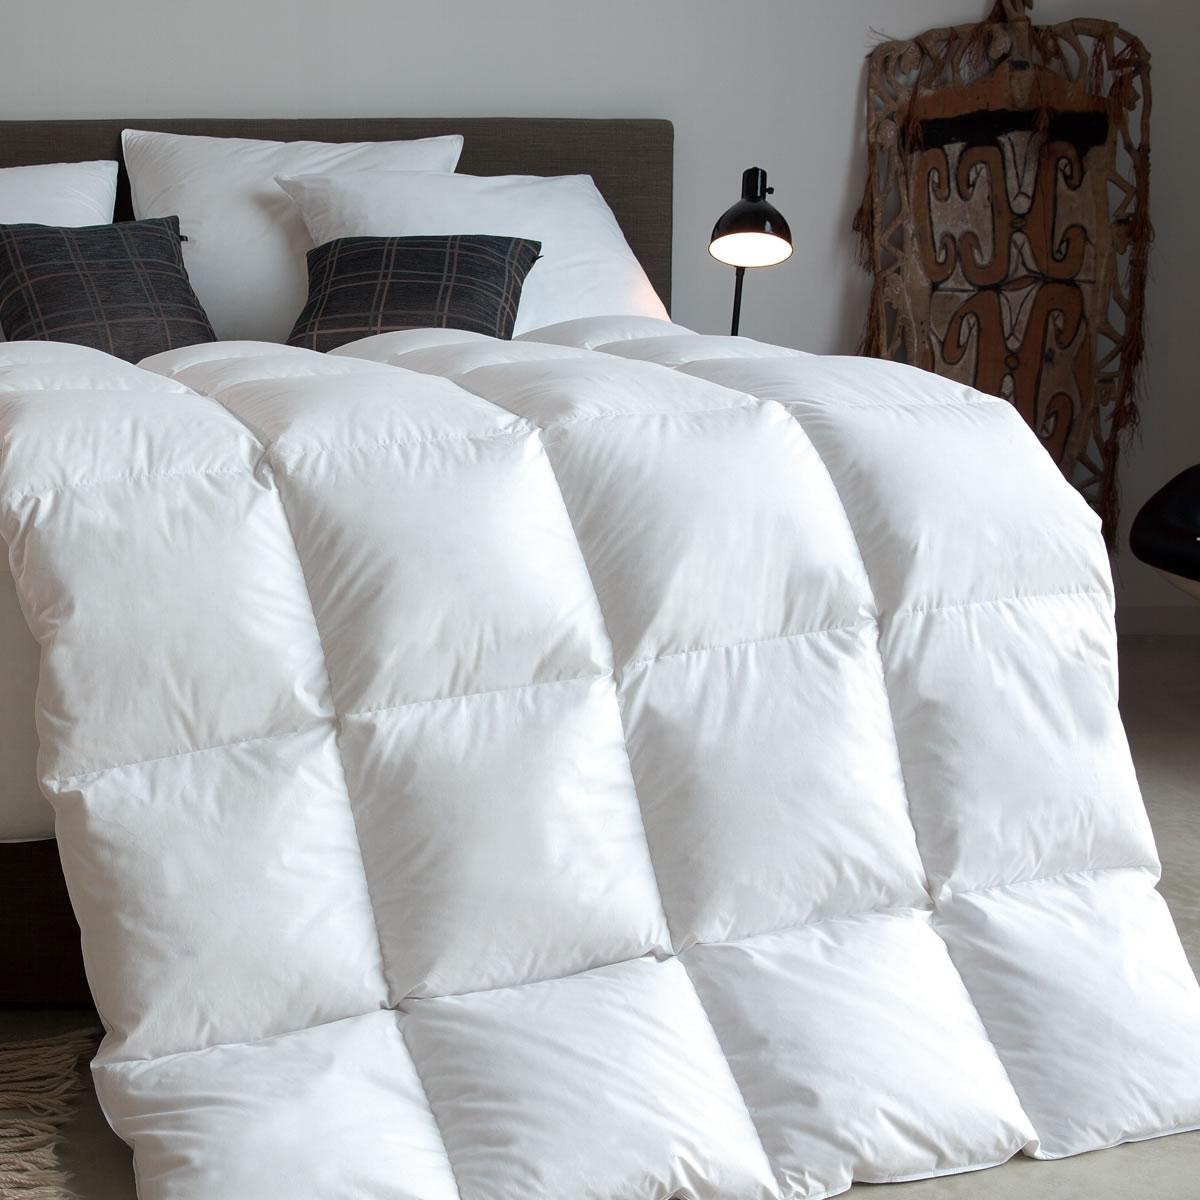 centa star moments warm winter daunendecke mit 2 cm innensteg 5103. Black Bedroom Furniture Sets. Home Design Ideas